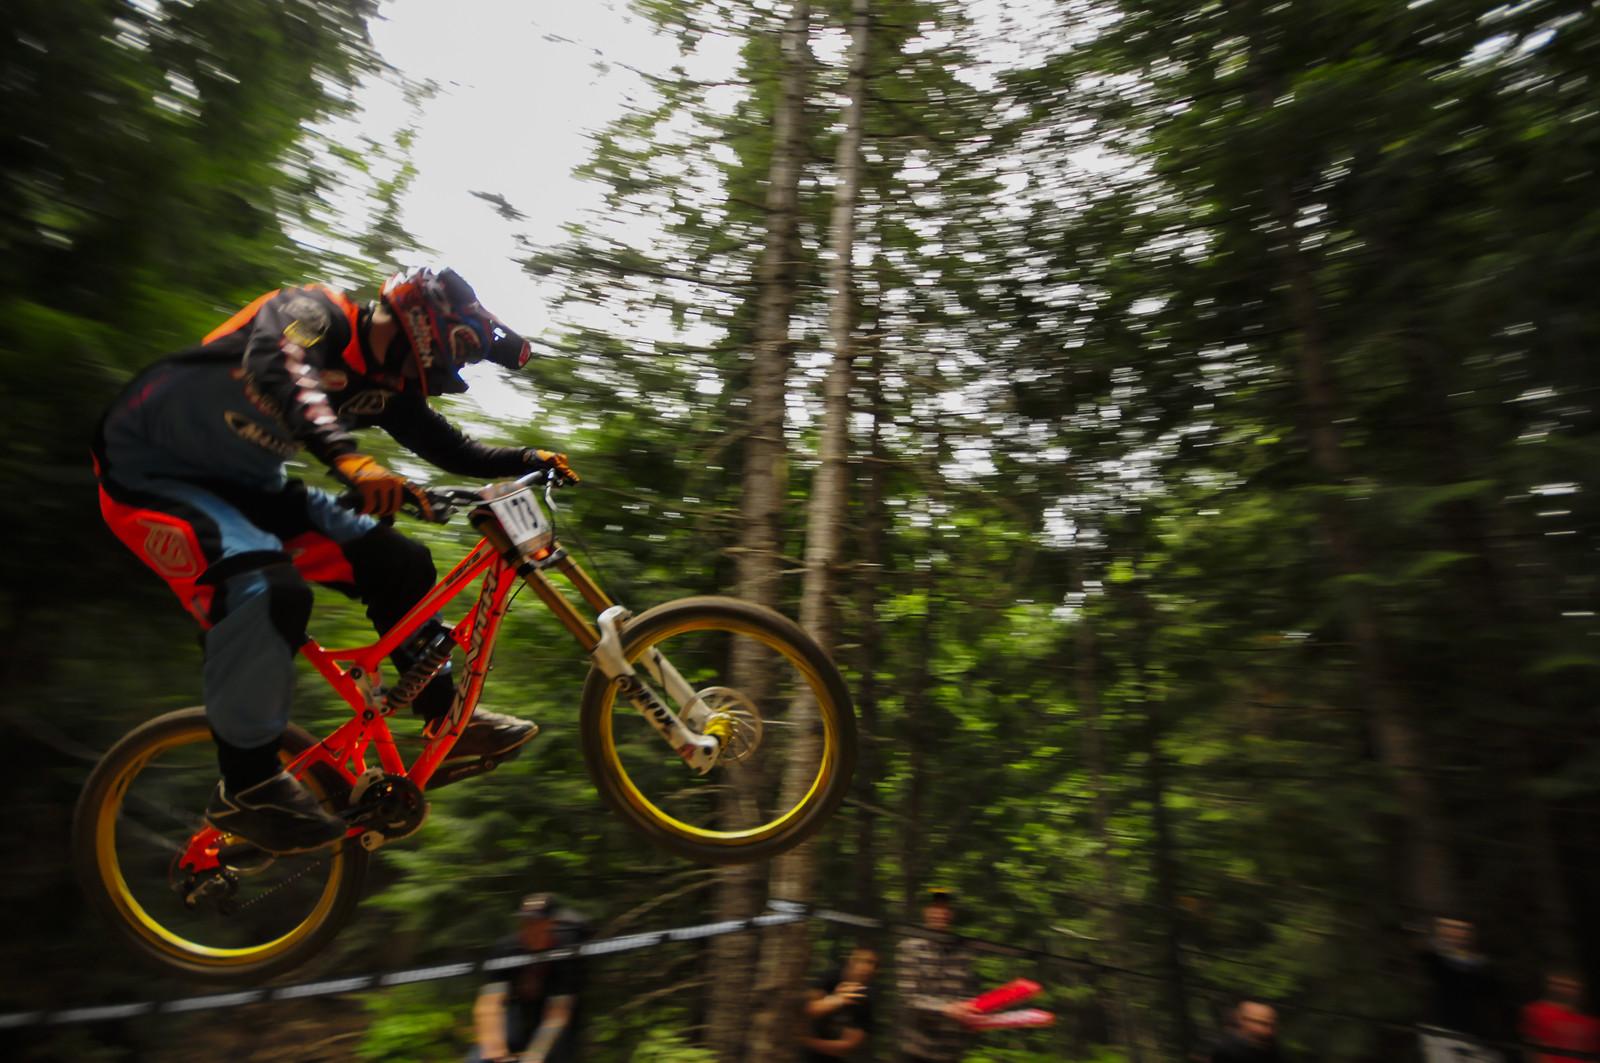 fox air dh - ezefaccio - Mountain Biking Pictures - Vital MTB